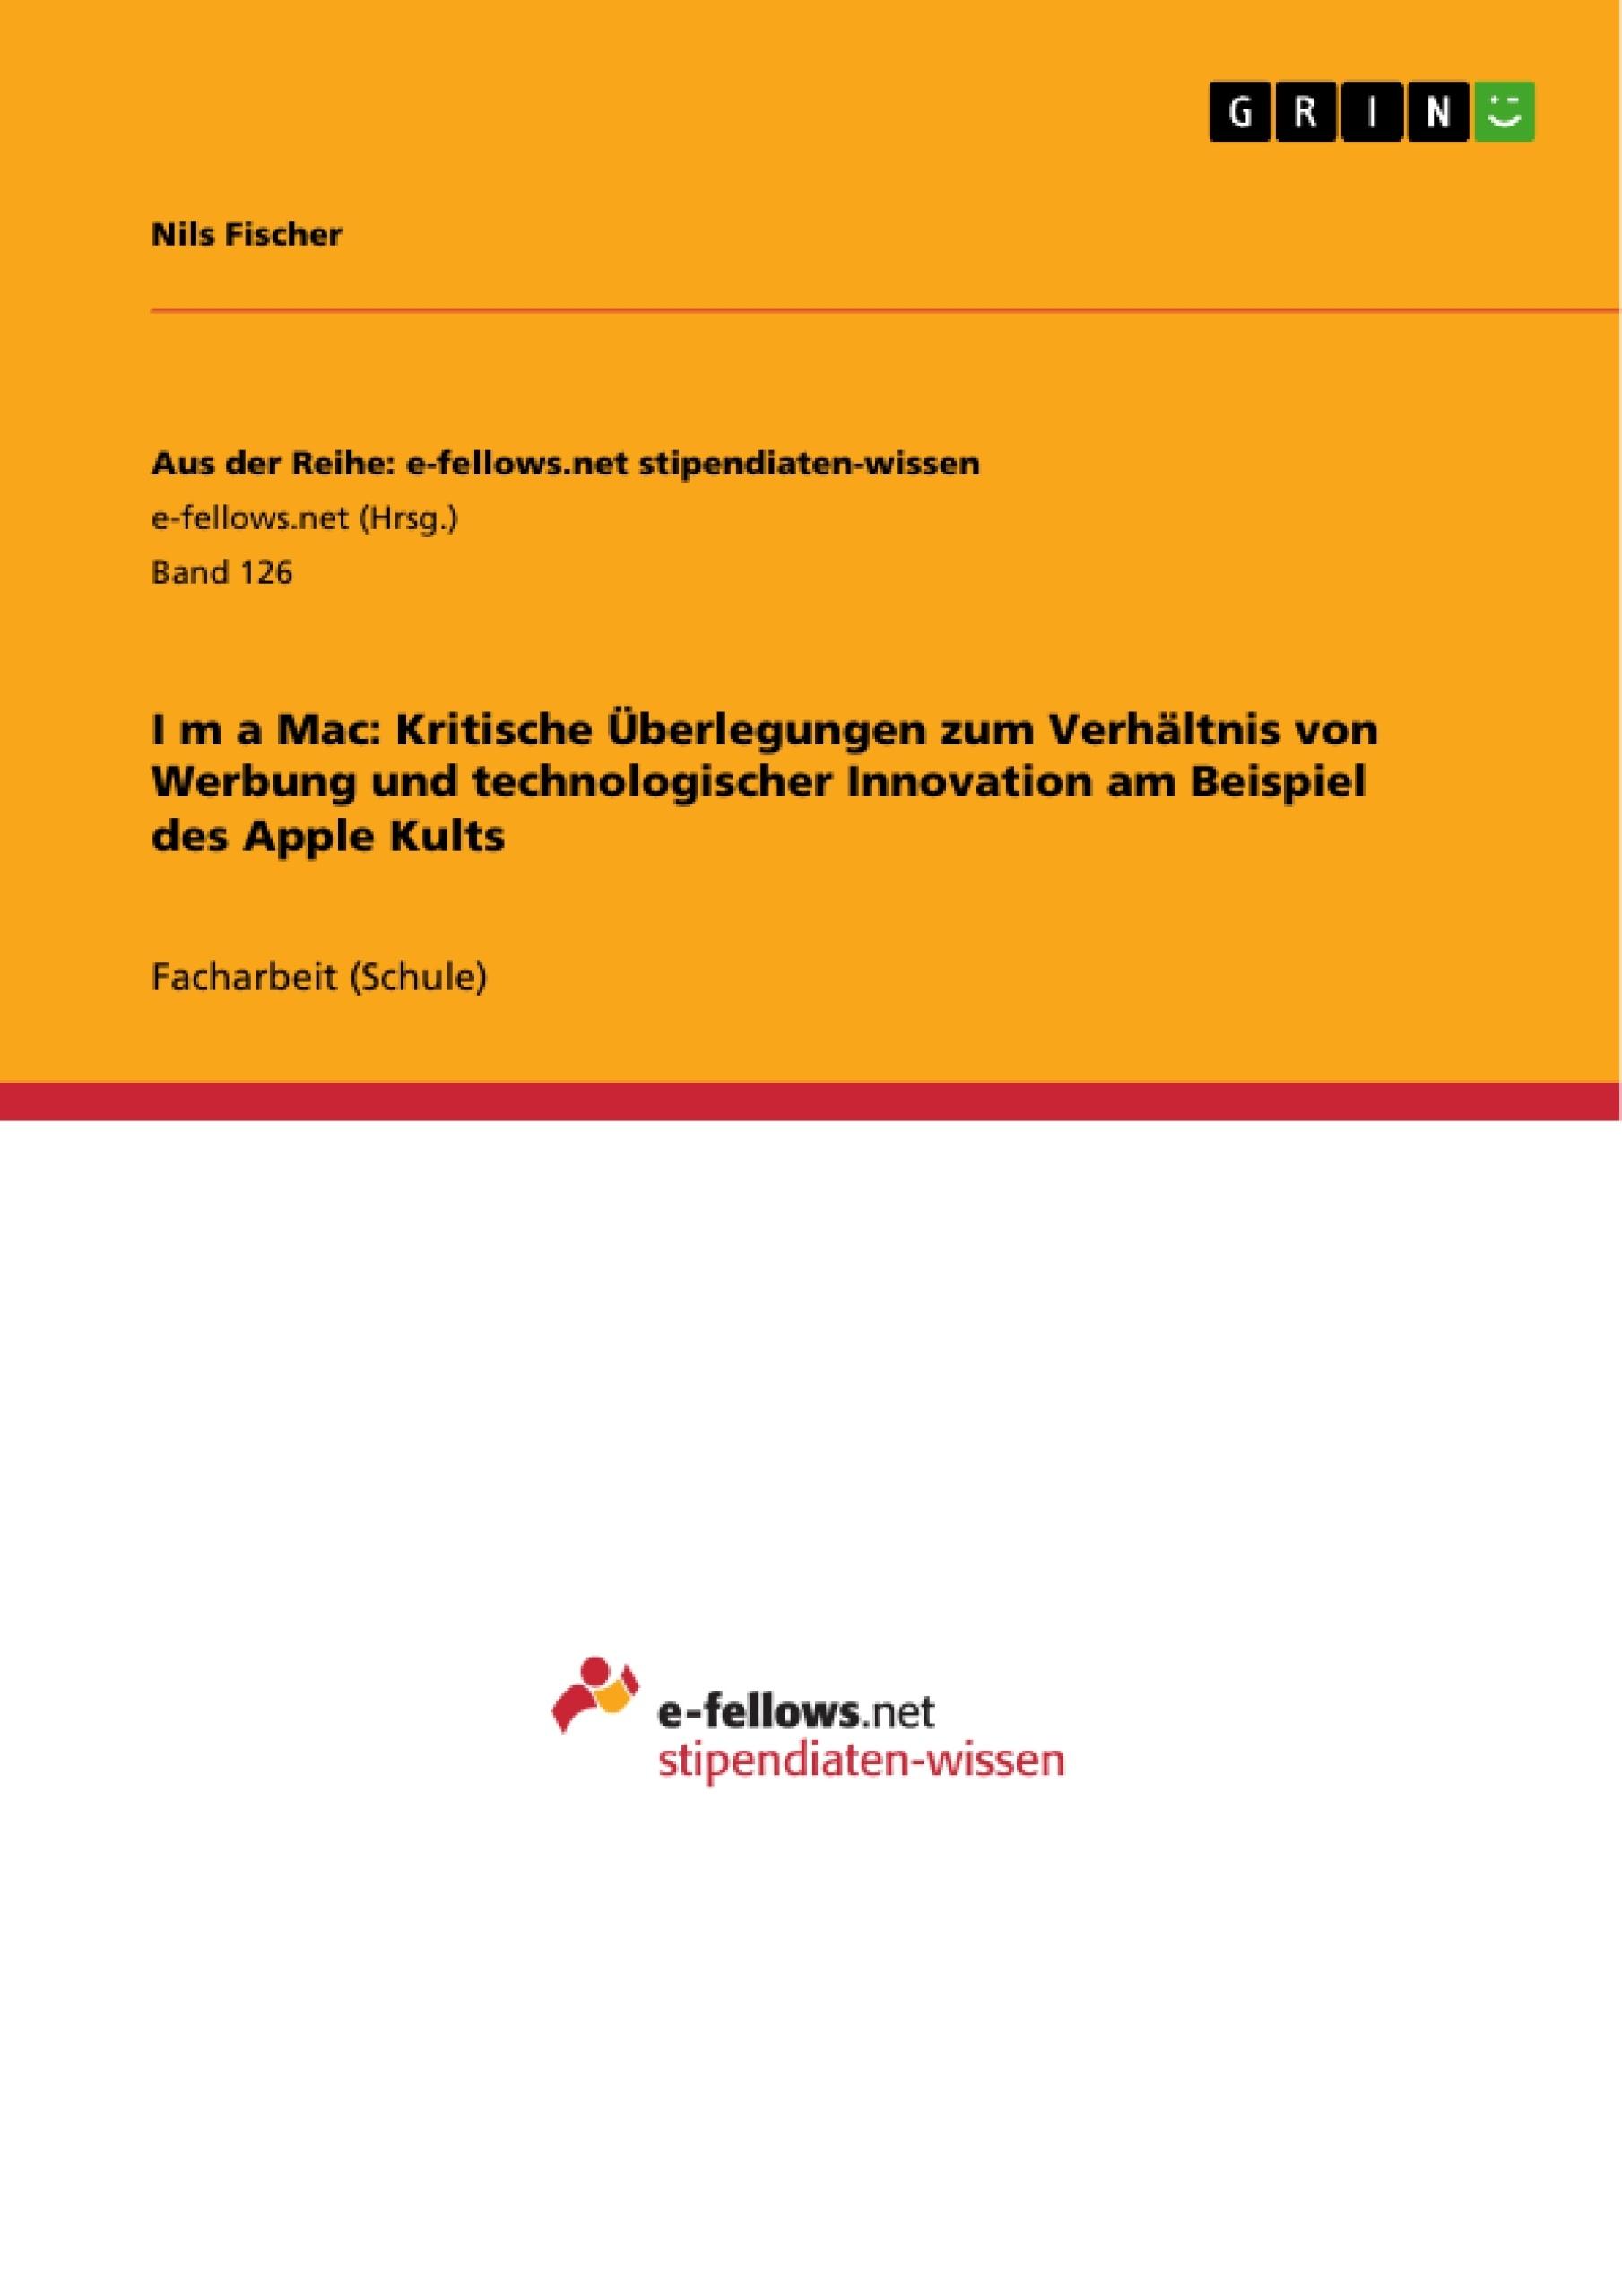 Titel: Iʻm a Mac: Kritische Überlegungen zum Verhältnis von Werbung und technologischer Innovation am Beispiel des Apple Kults